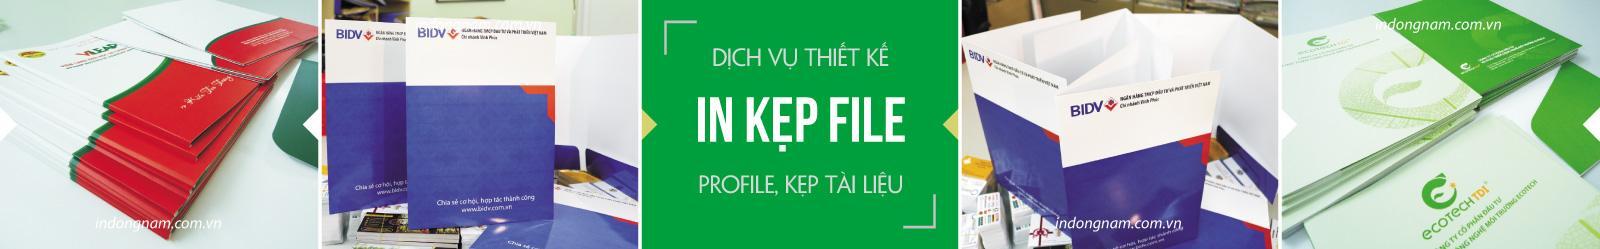 in kẹp file tài liệu giá rẻ tại hà nội